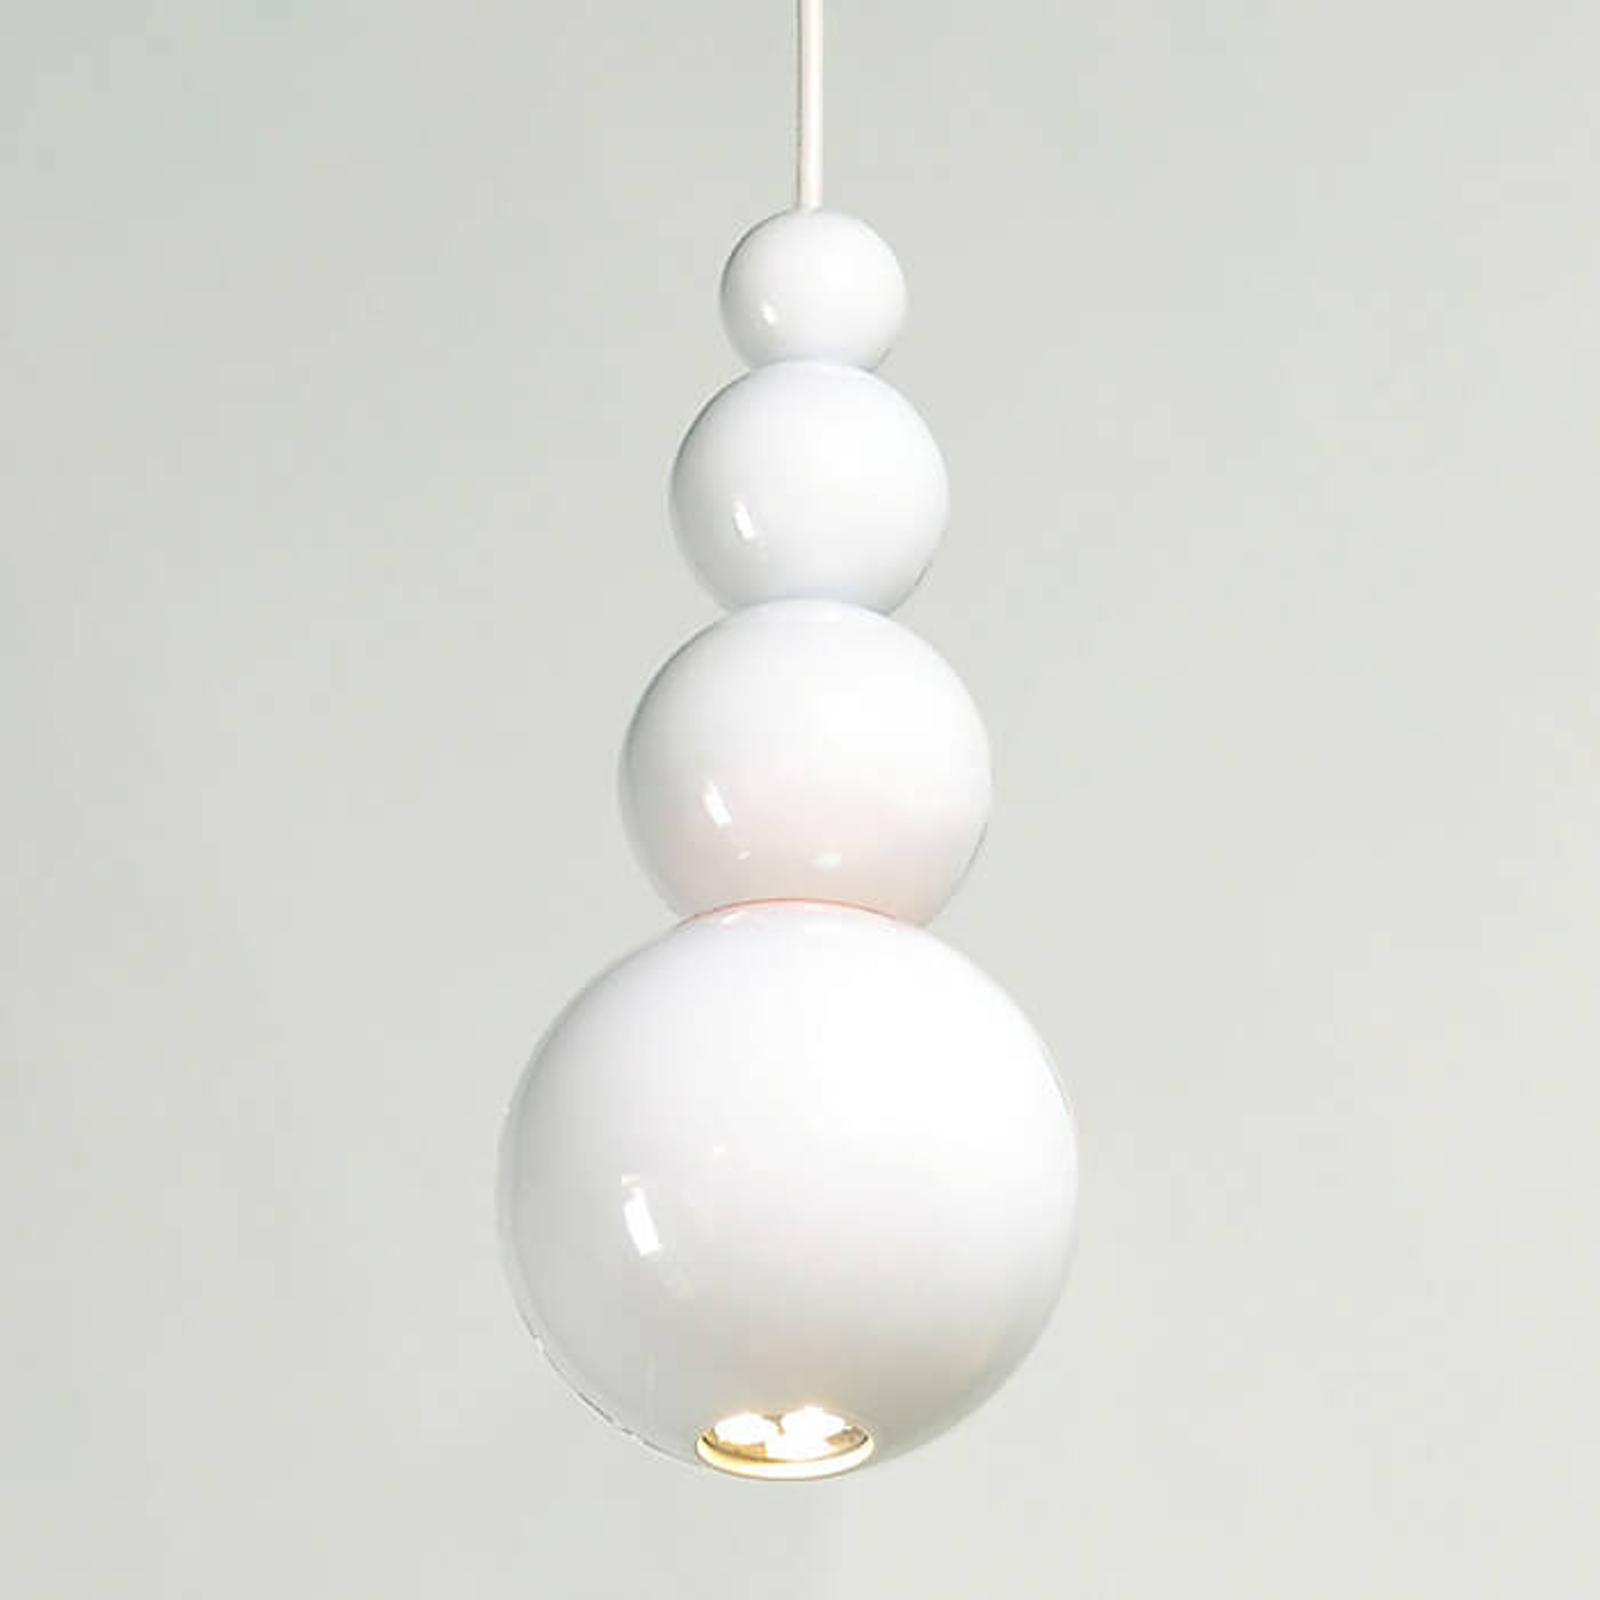 Innermost Bubble - hængelampe i hvid